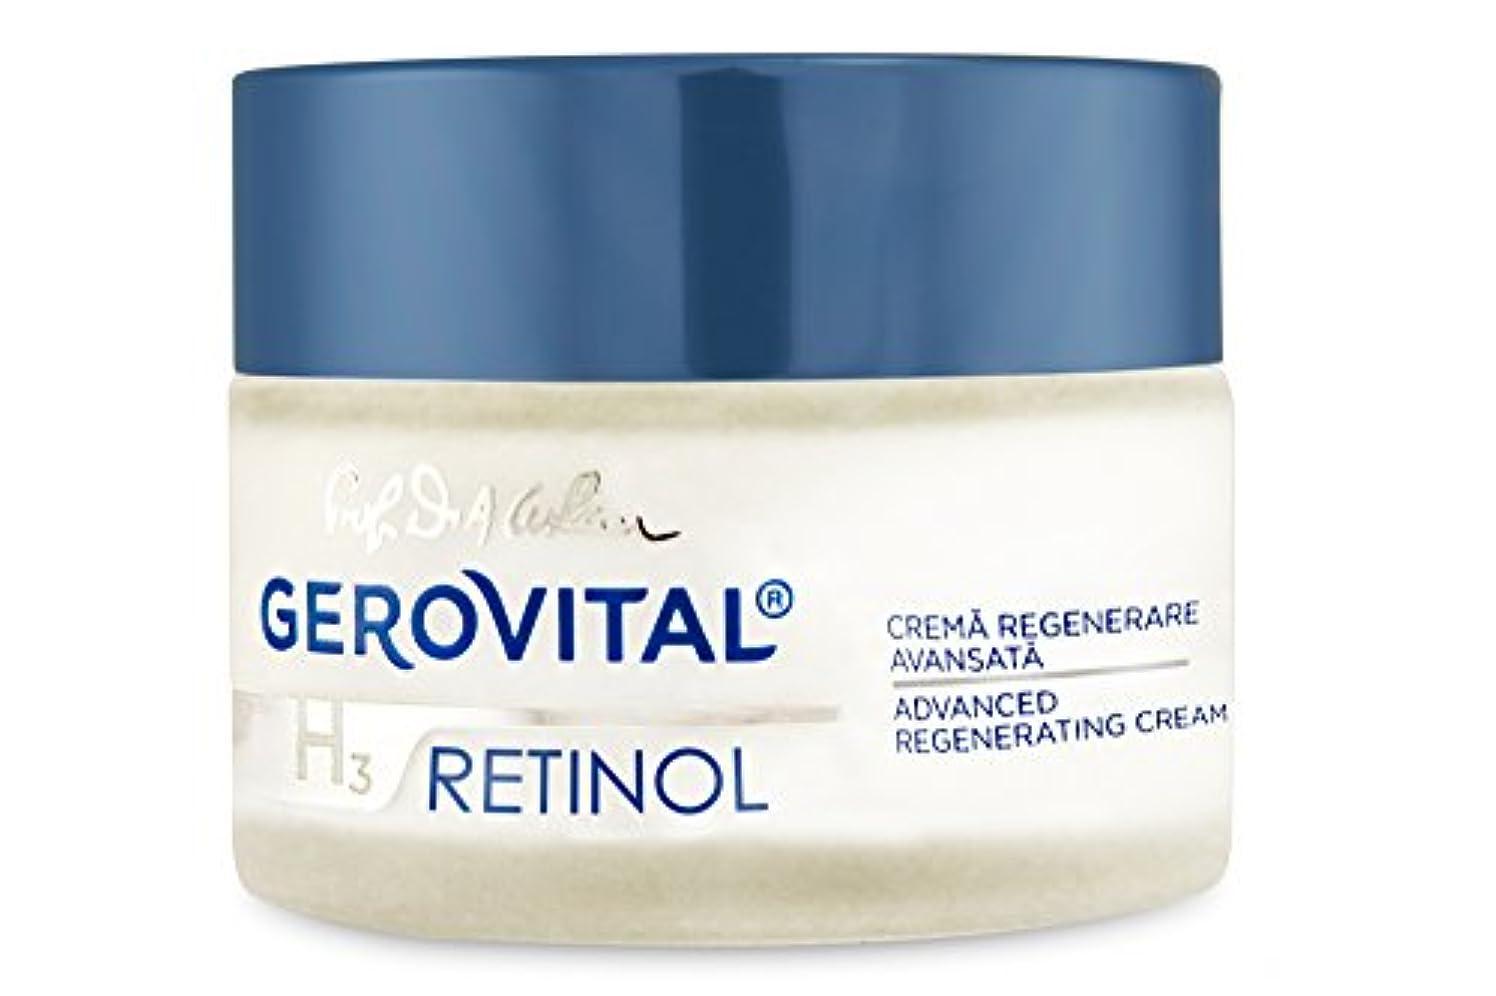 ジェロビタールH3 - レチノール アドバンスリジェネクリーム